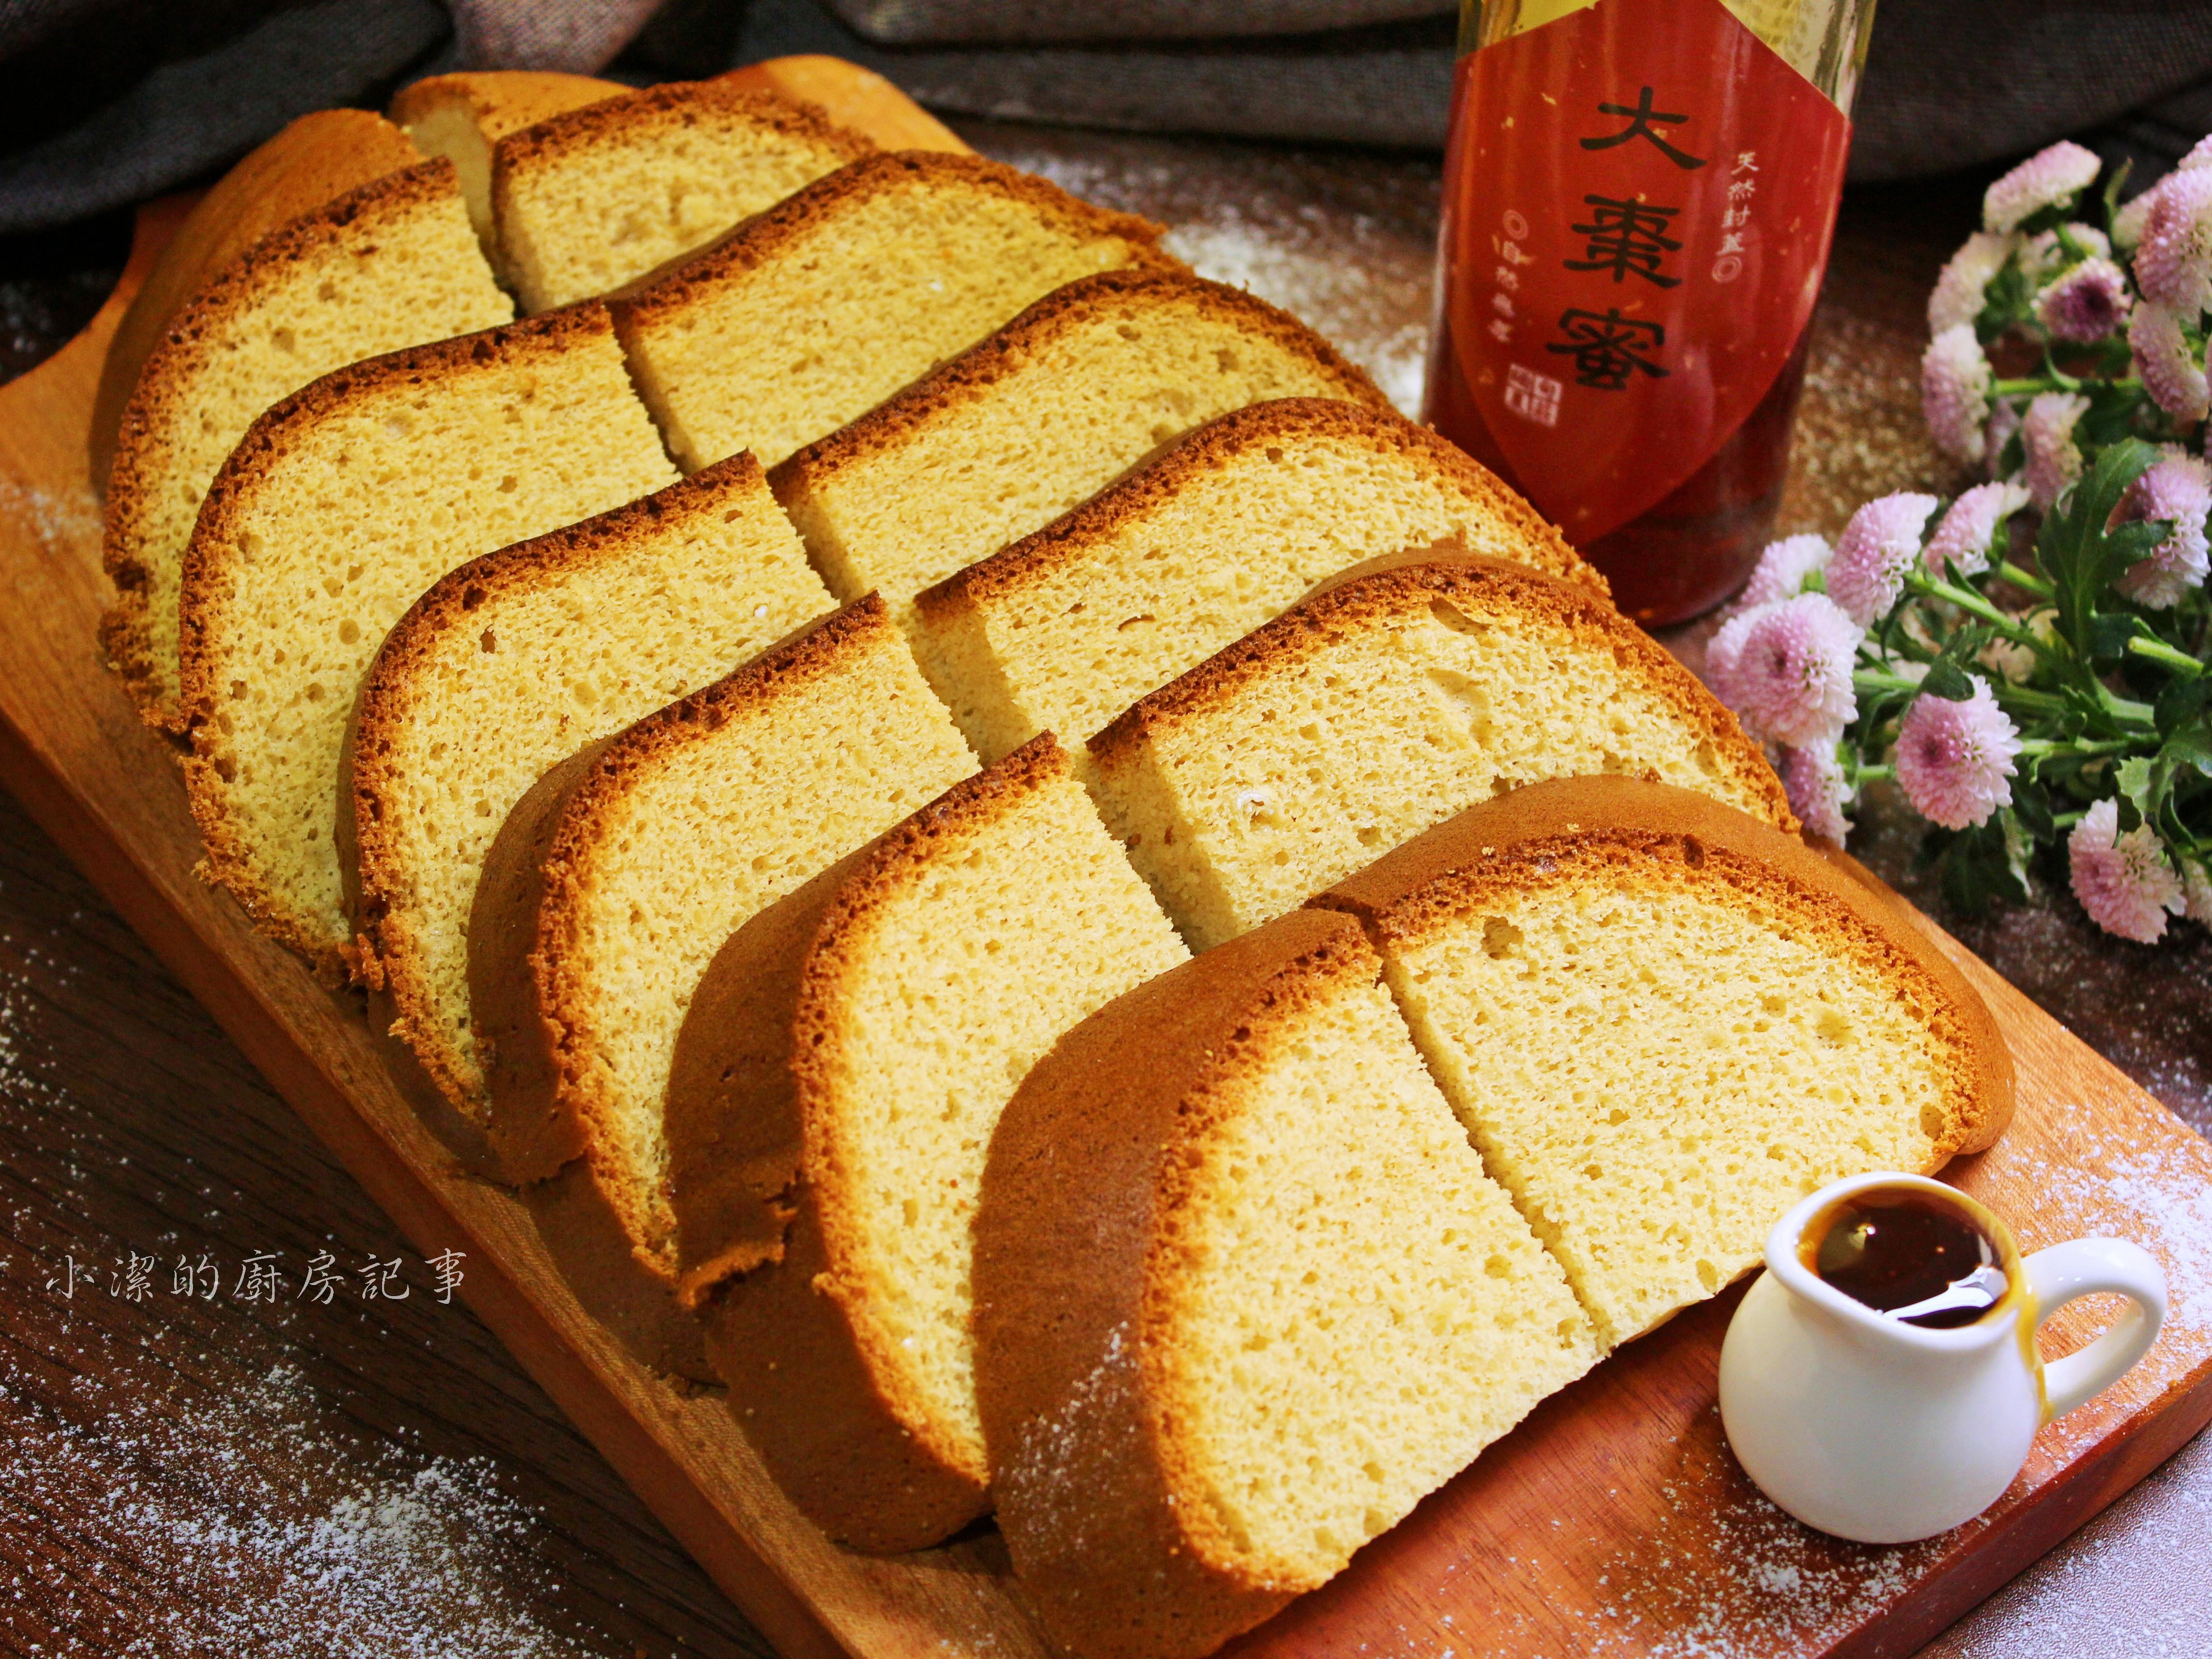 蜂蜜蛋糕 (小米電子鍋)